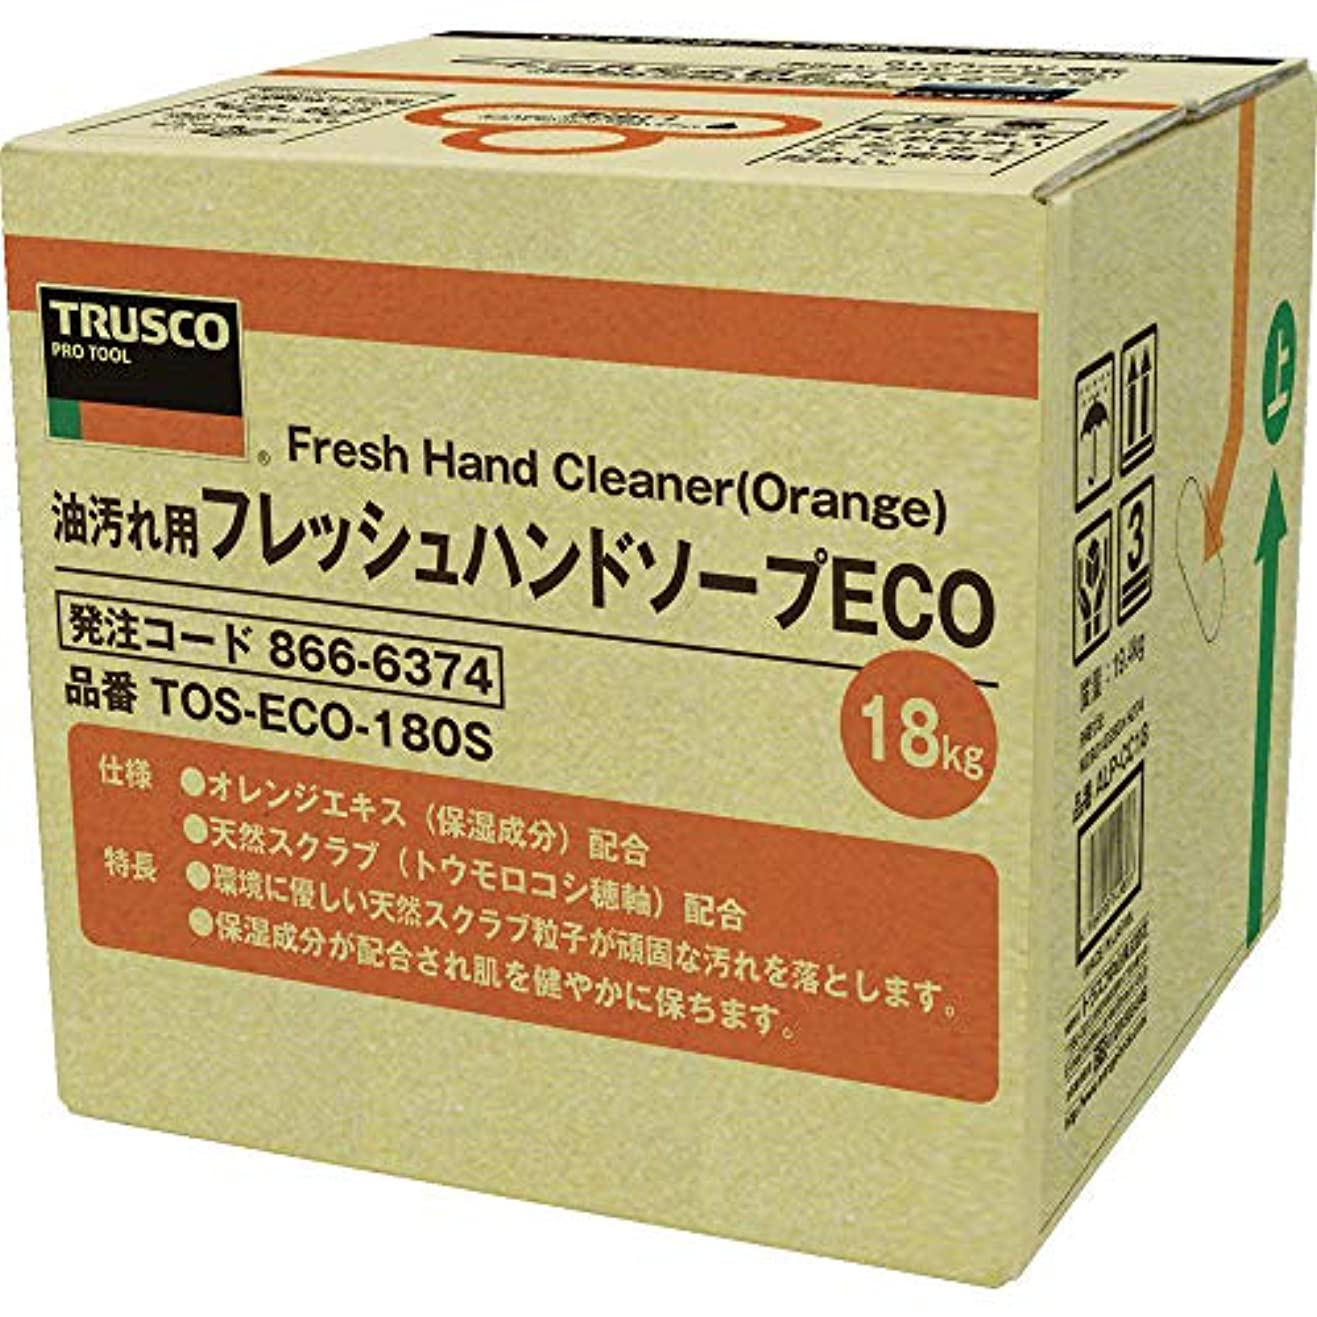 見えない平衡スモッグTRUSCO(トラスコ) フレッシュハンドソープECO 18L 詰替 バッグインボックス TOSECO180S